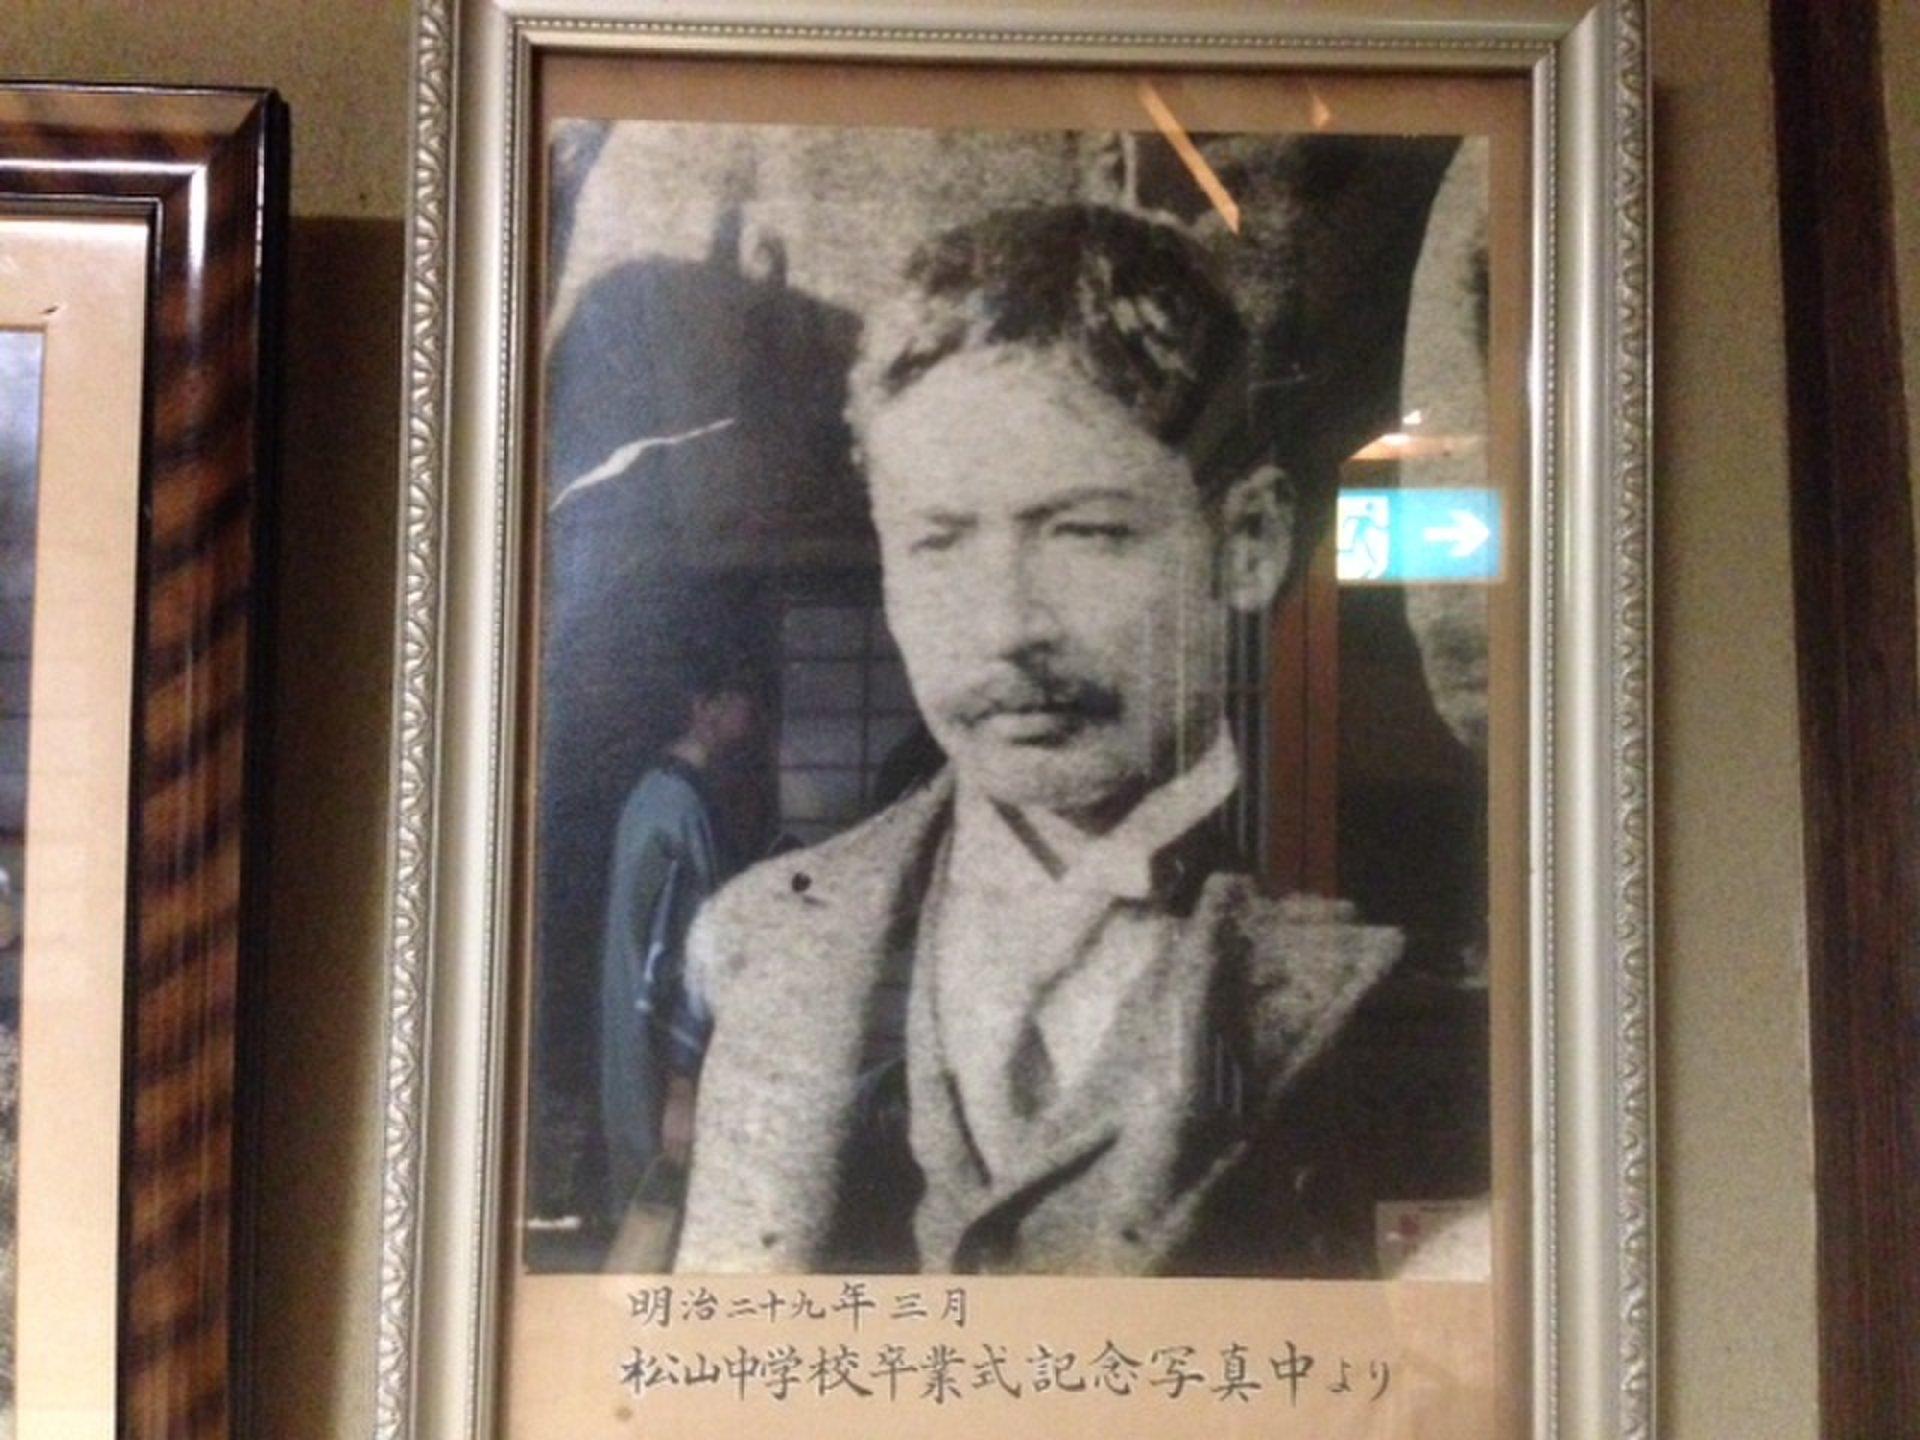 道後温泉で必見!若かりしイケメン夏目漱石先生(見合写真も)鏡子奥様・マドンナに会える坊っちゃんの間